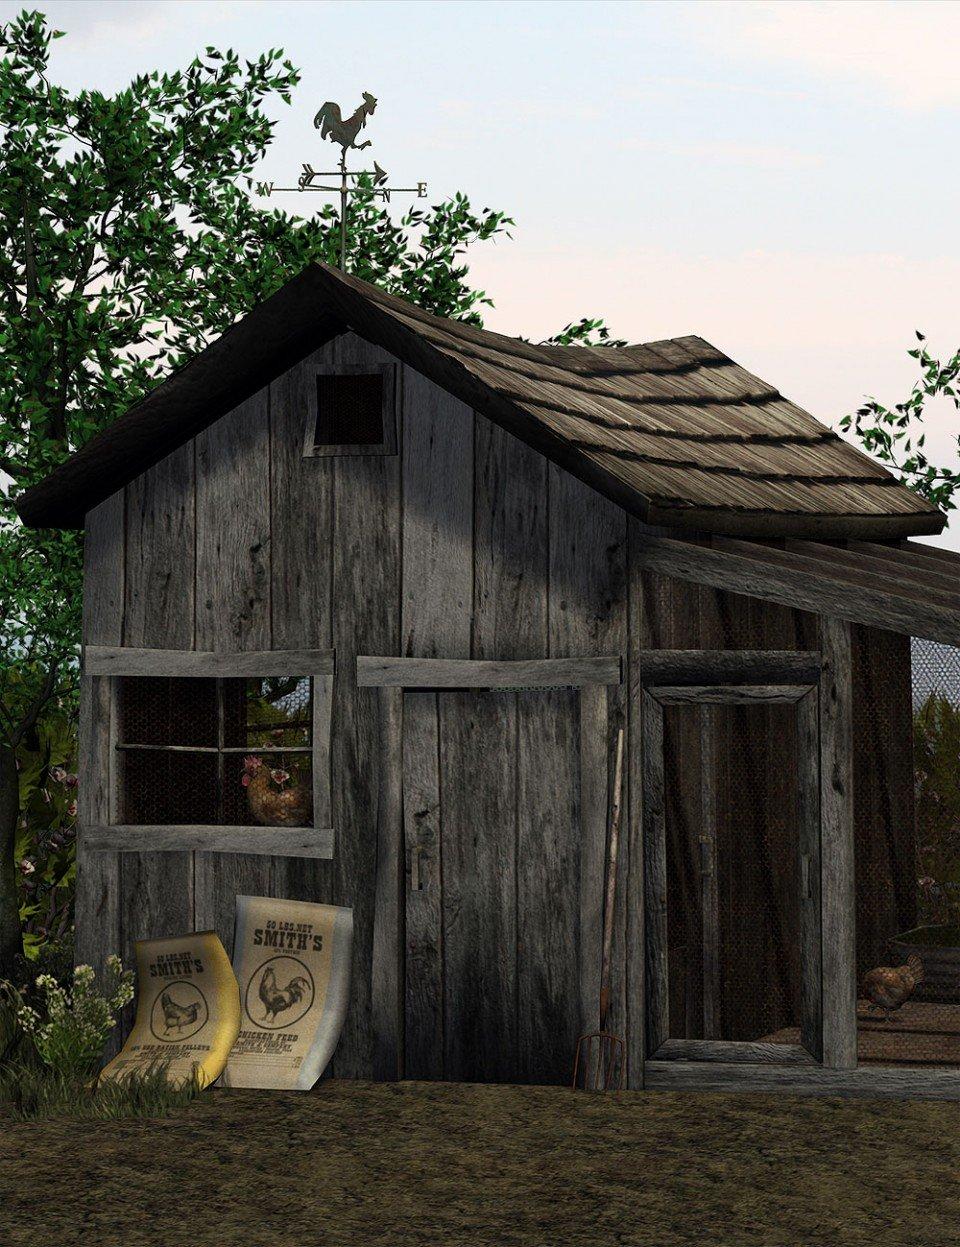 The Chicken Coop_DAZ3D下载站